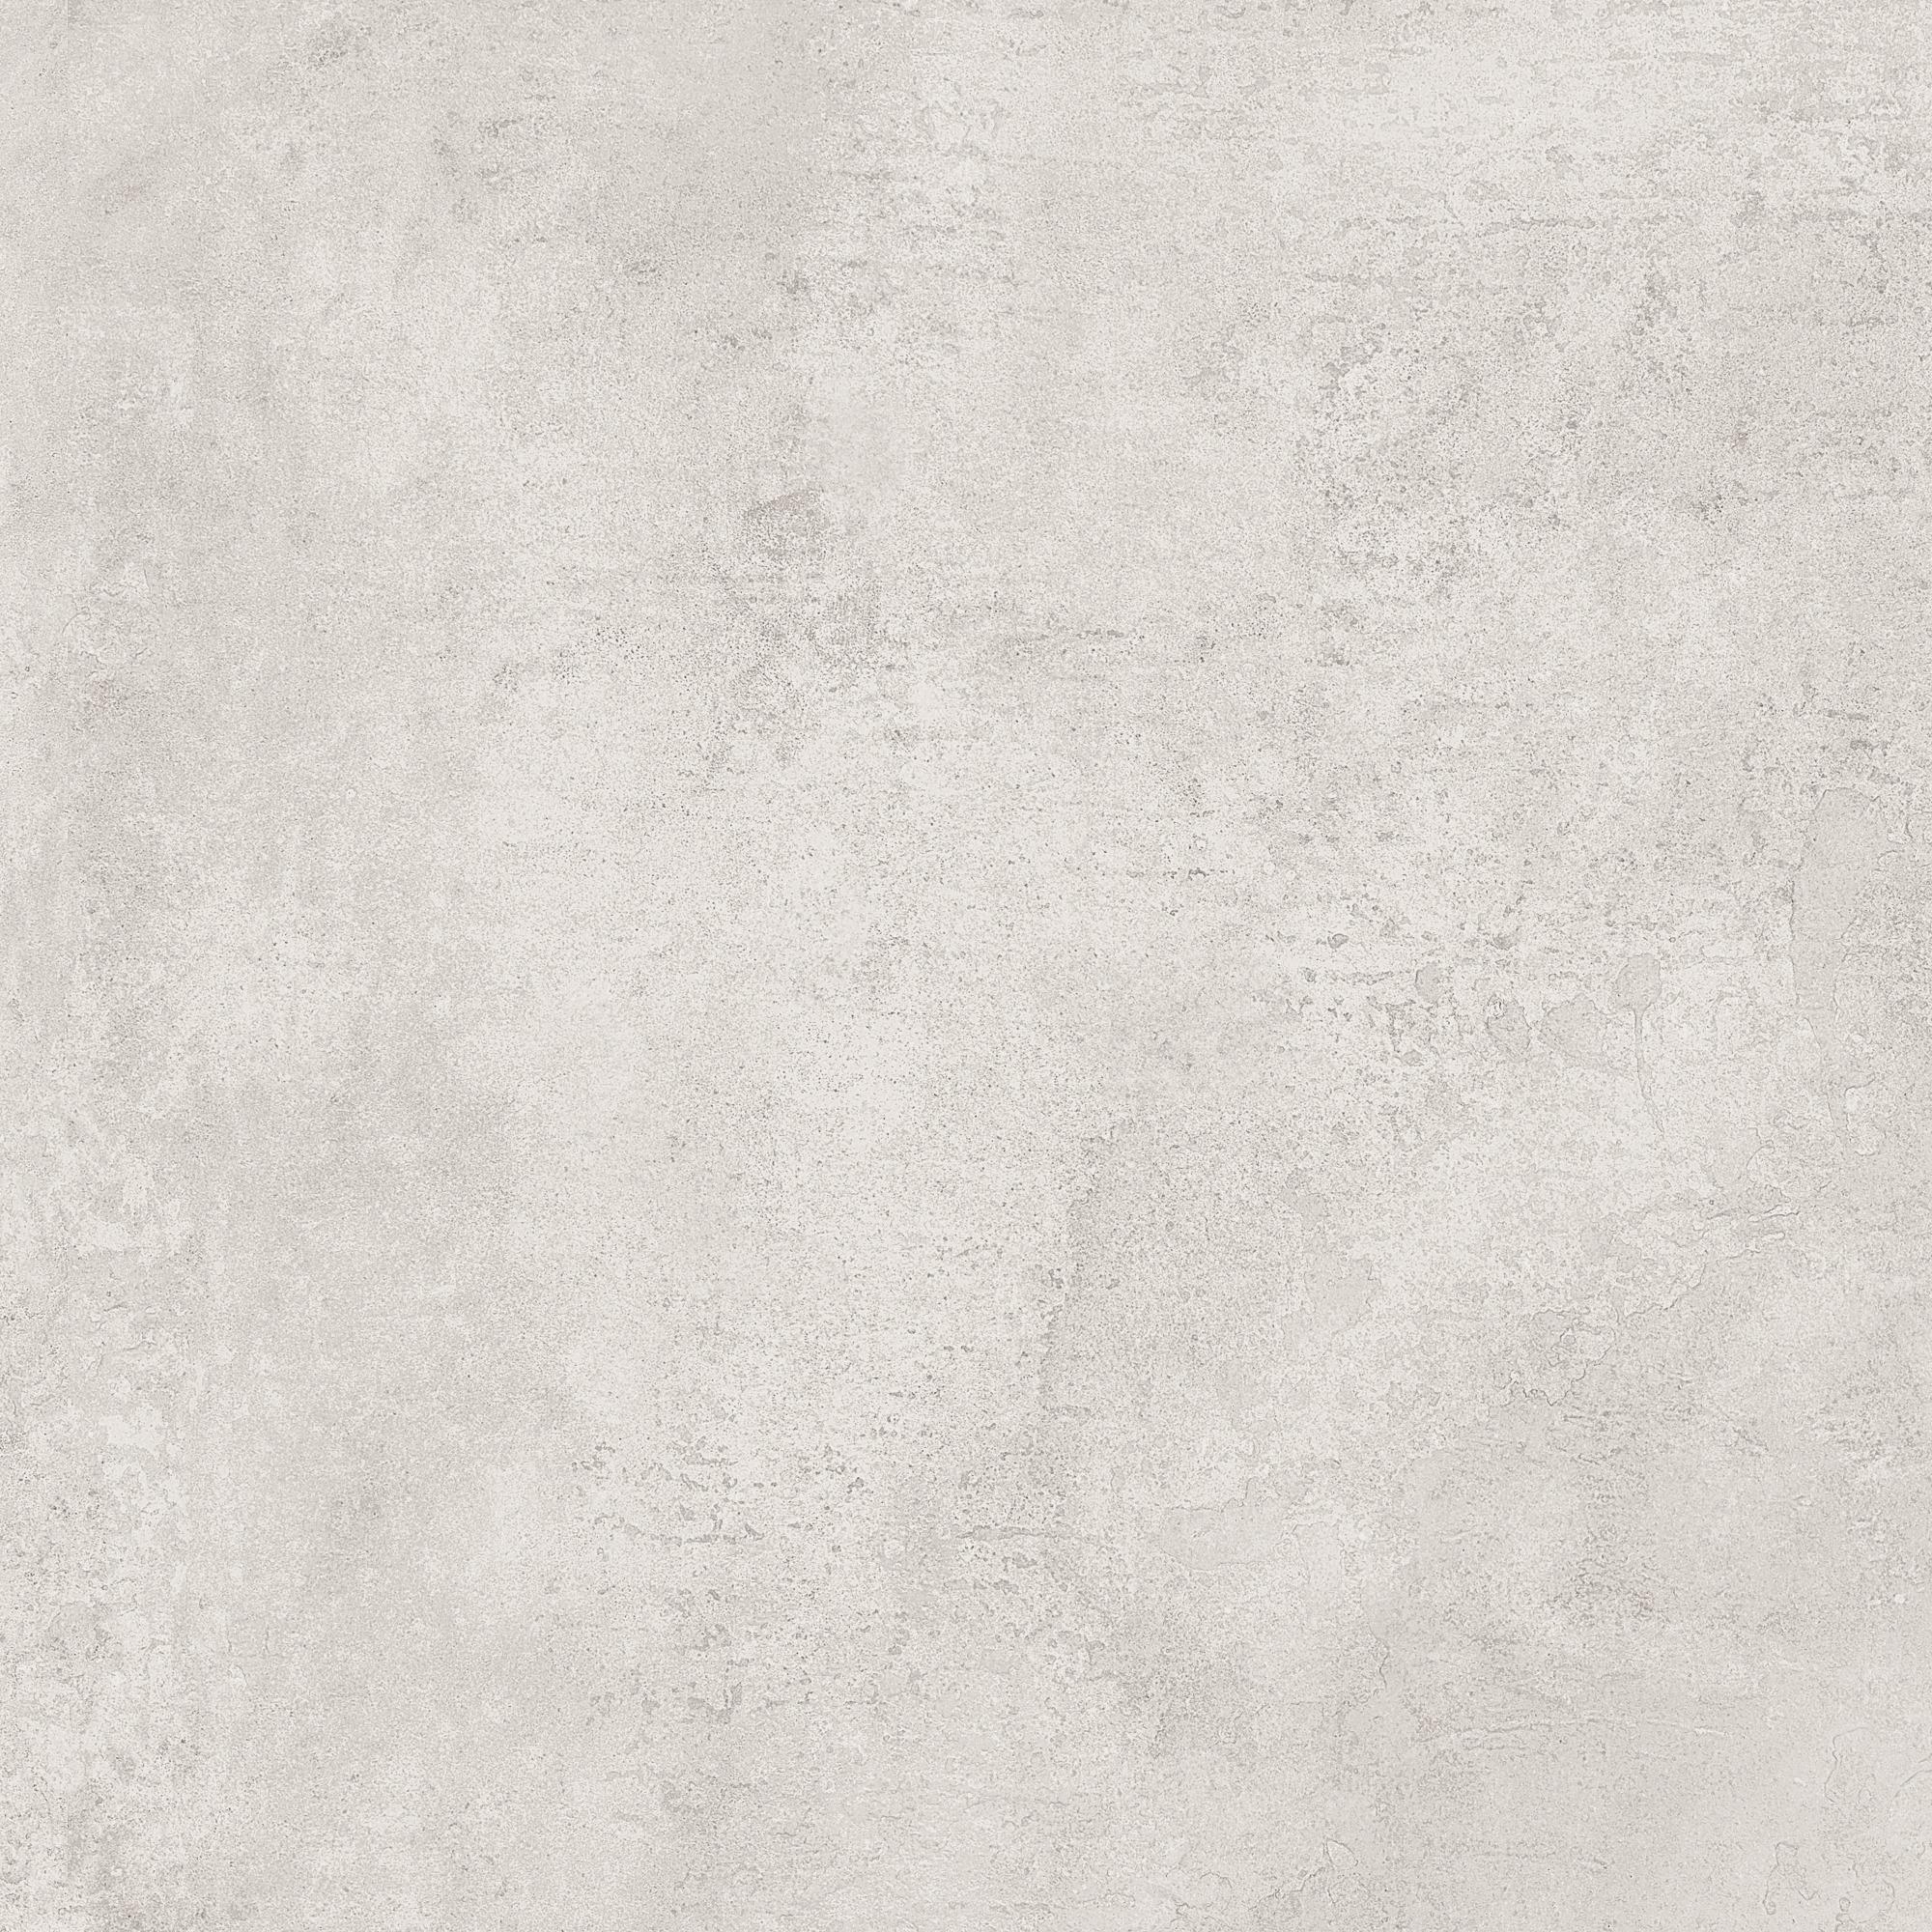 Ceramica Tipo A Cimento Acetinado HD Borda Bold 60x60cm 220m Cinza Claro - Pointer